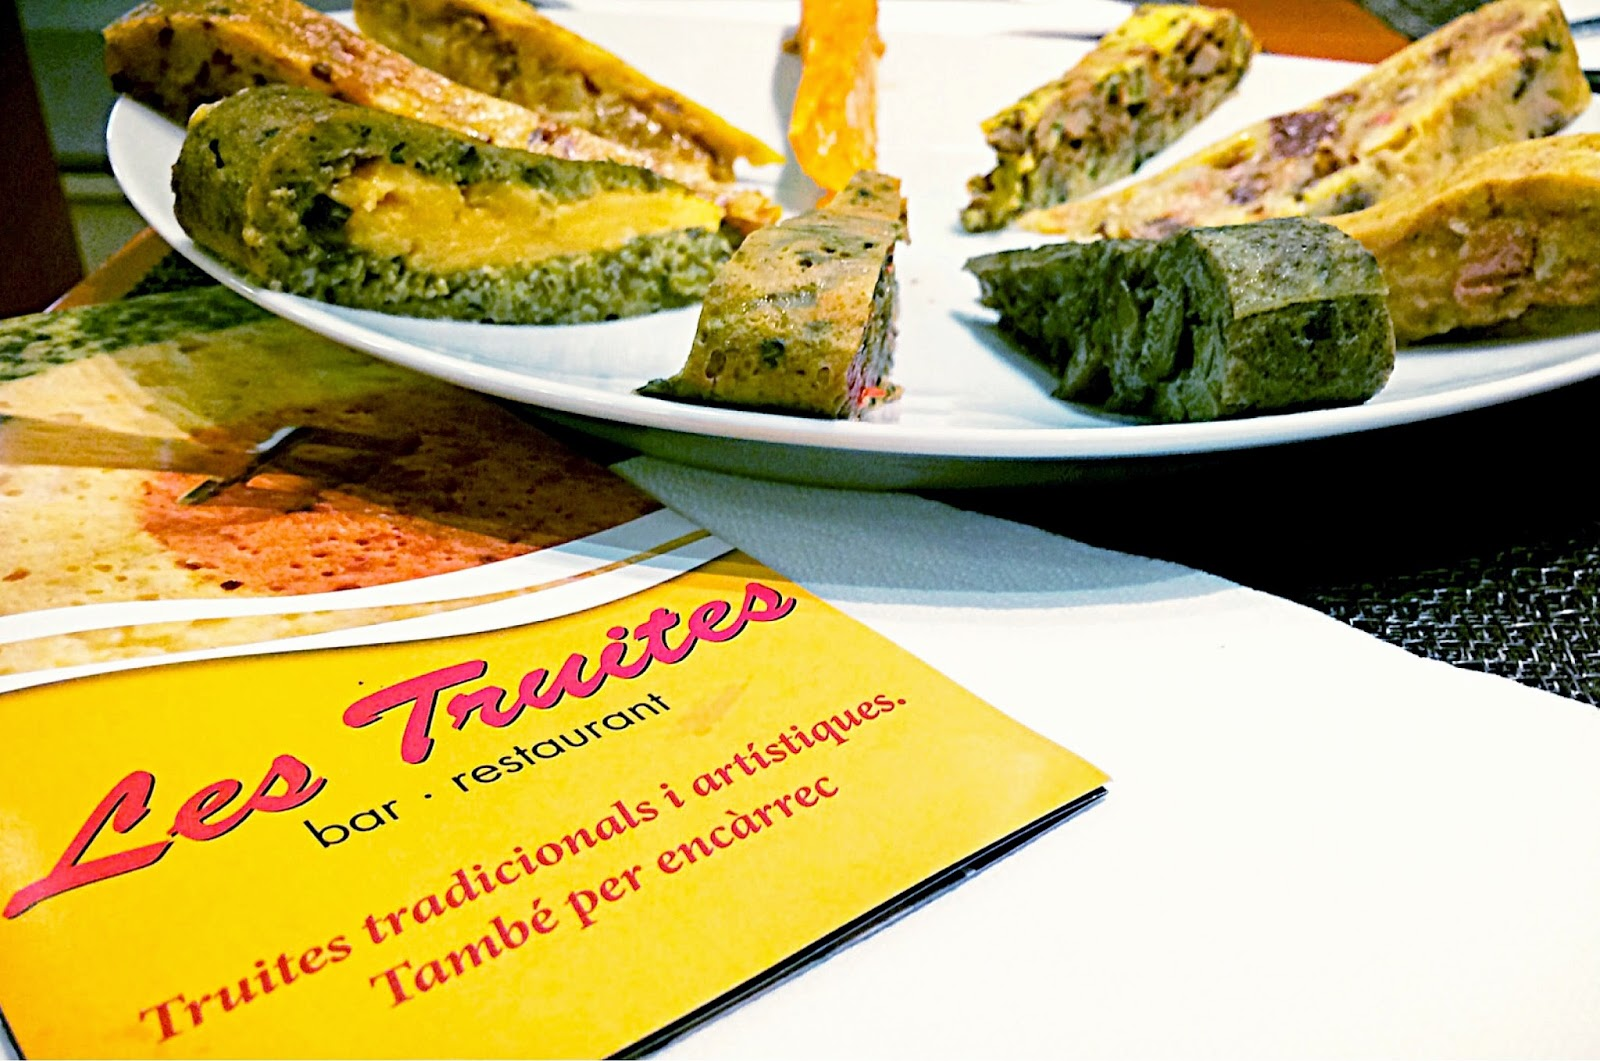 Les Truites. El maestro de las tortillas